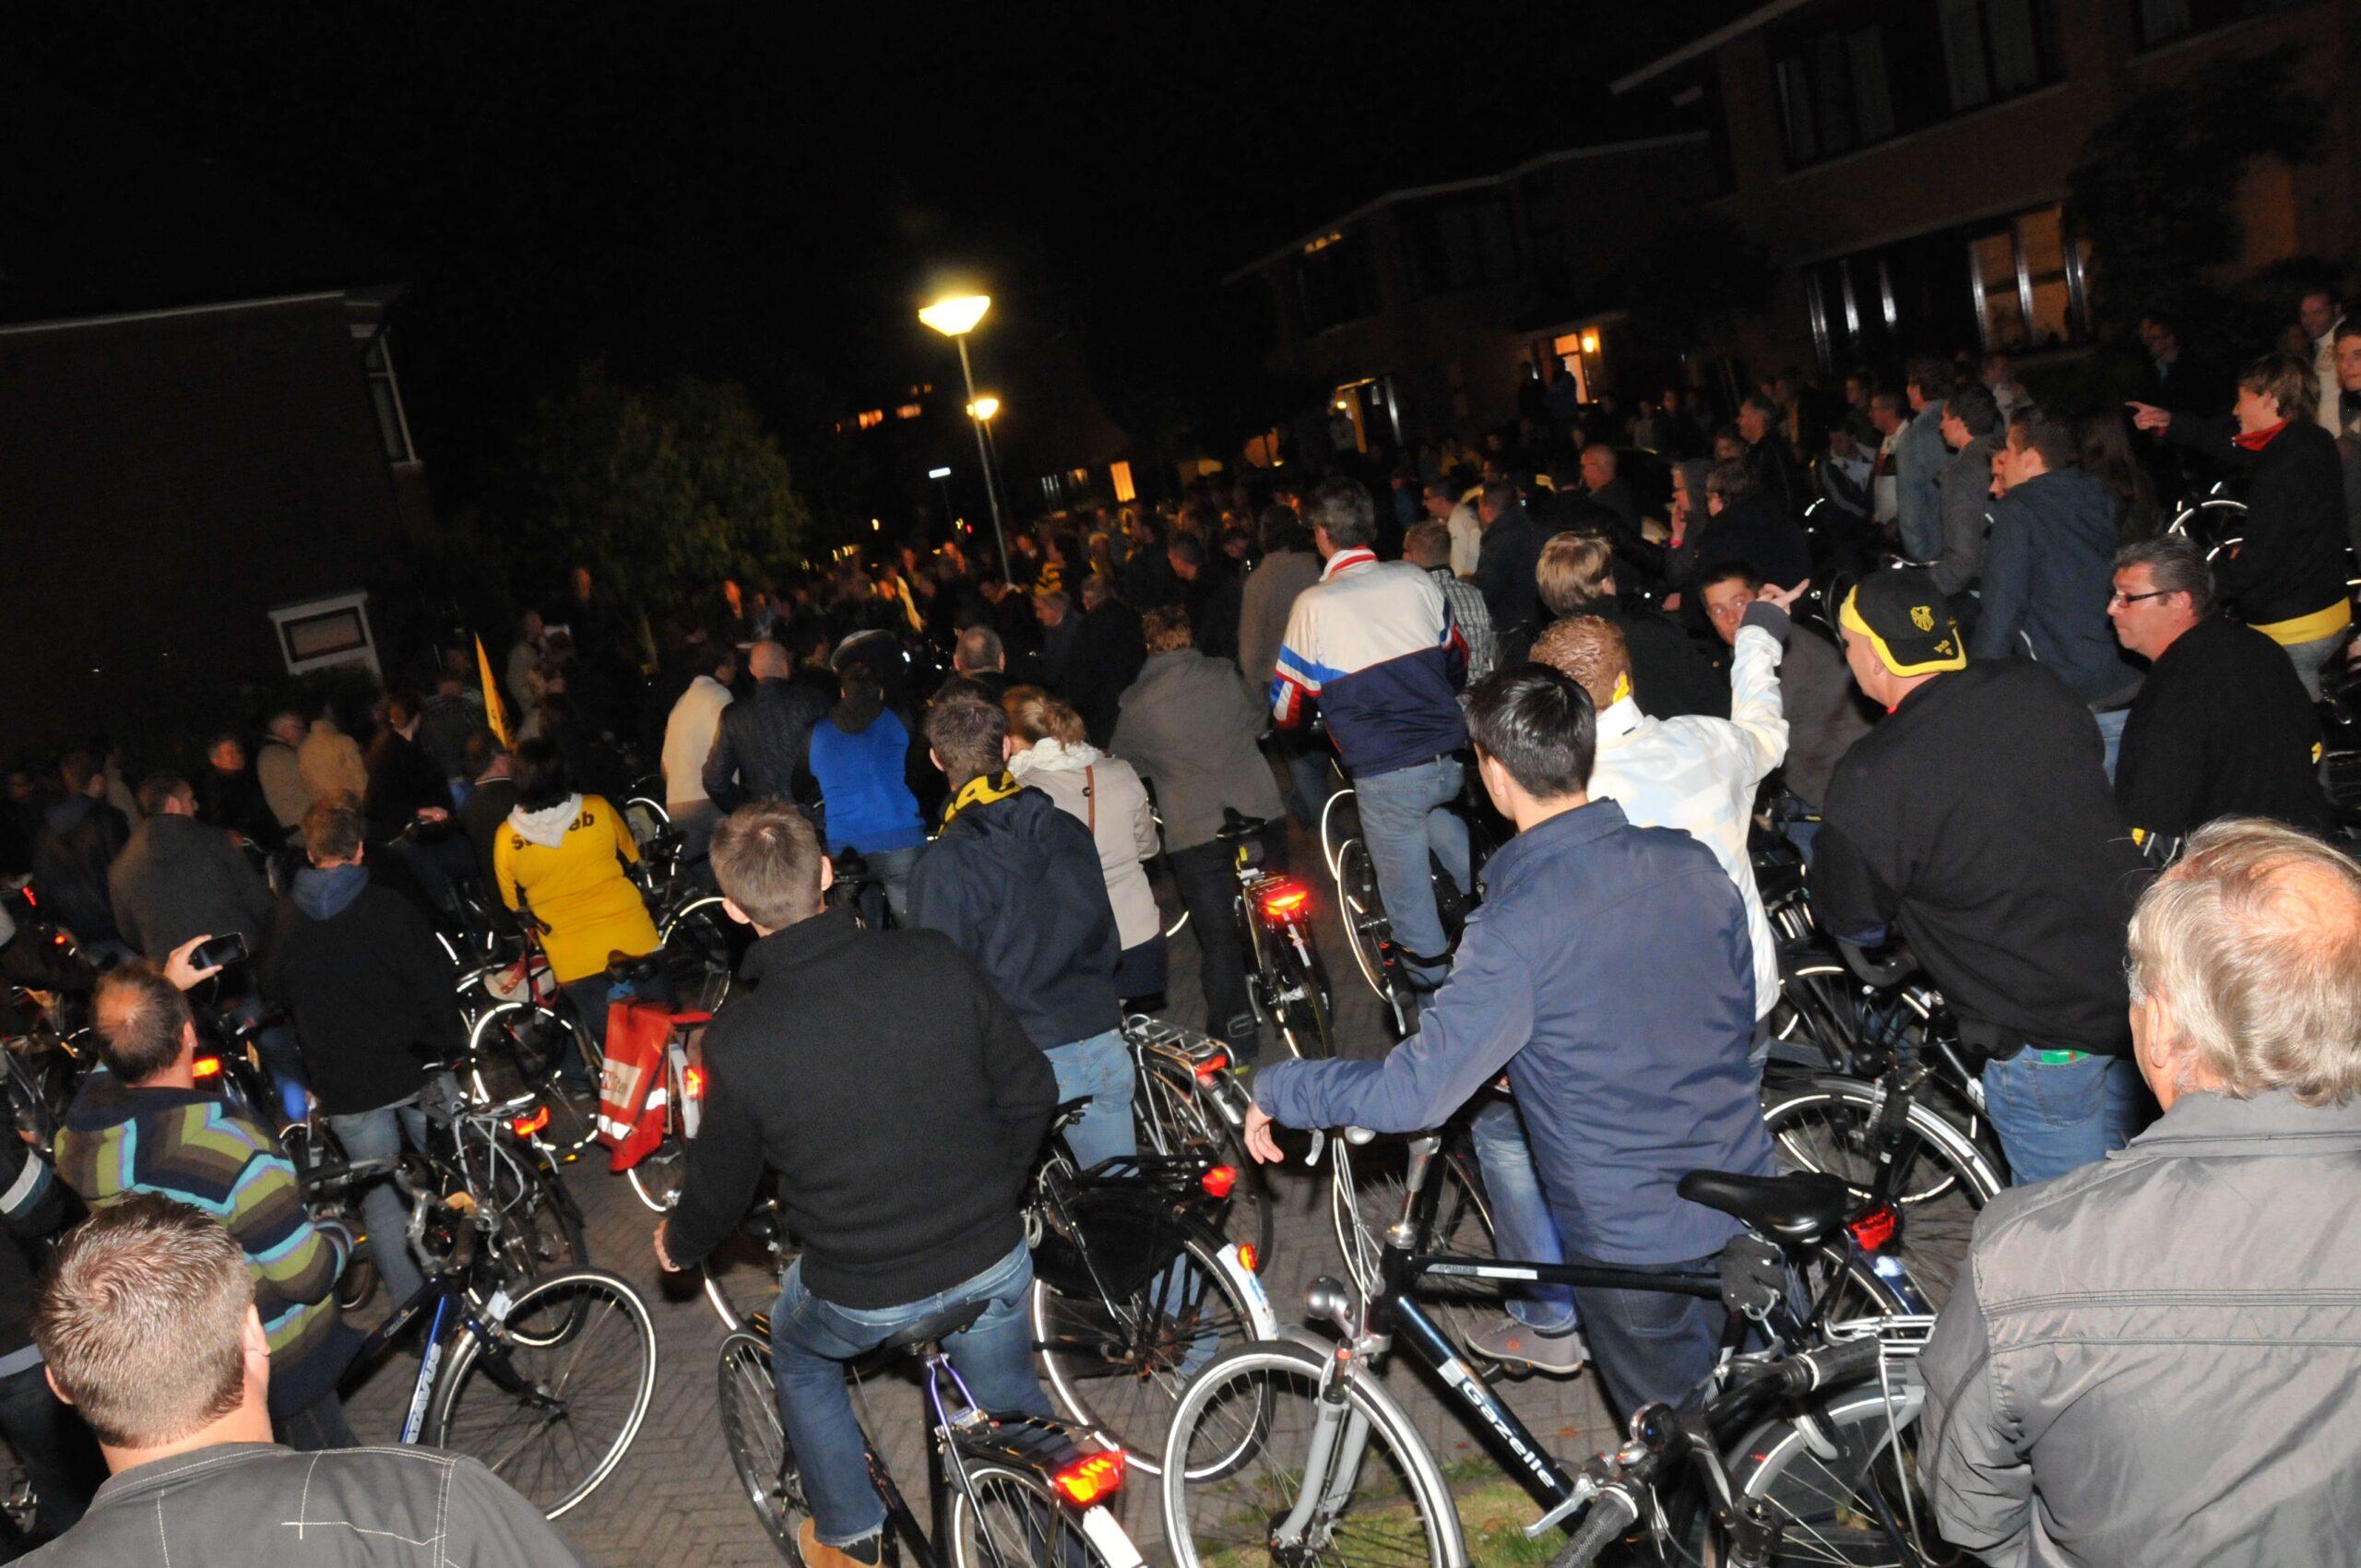 Beatrixstraat 100 jaar NAC fietstocht (2012)